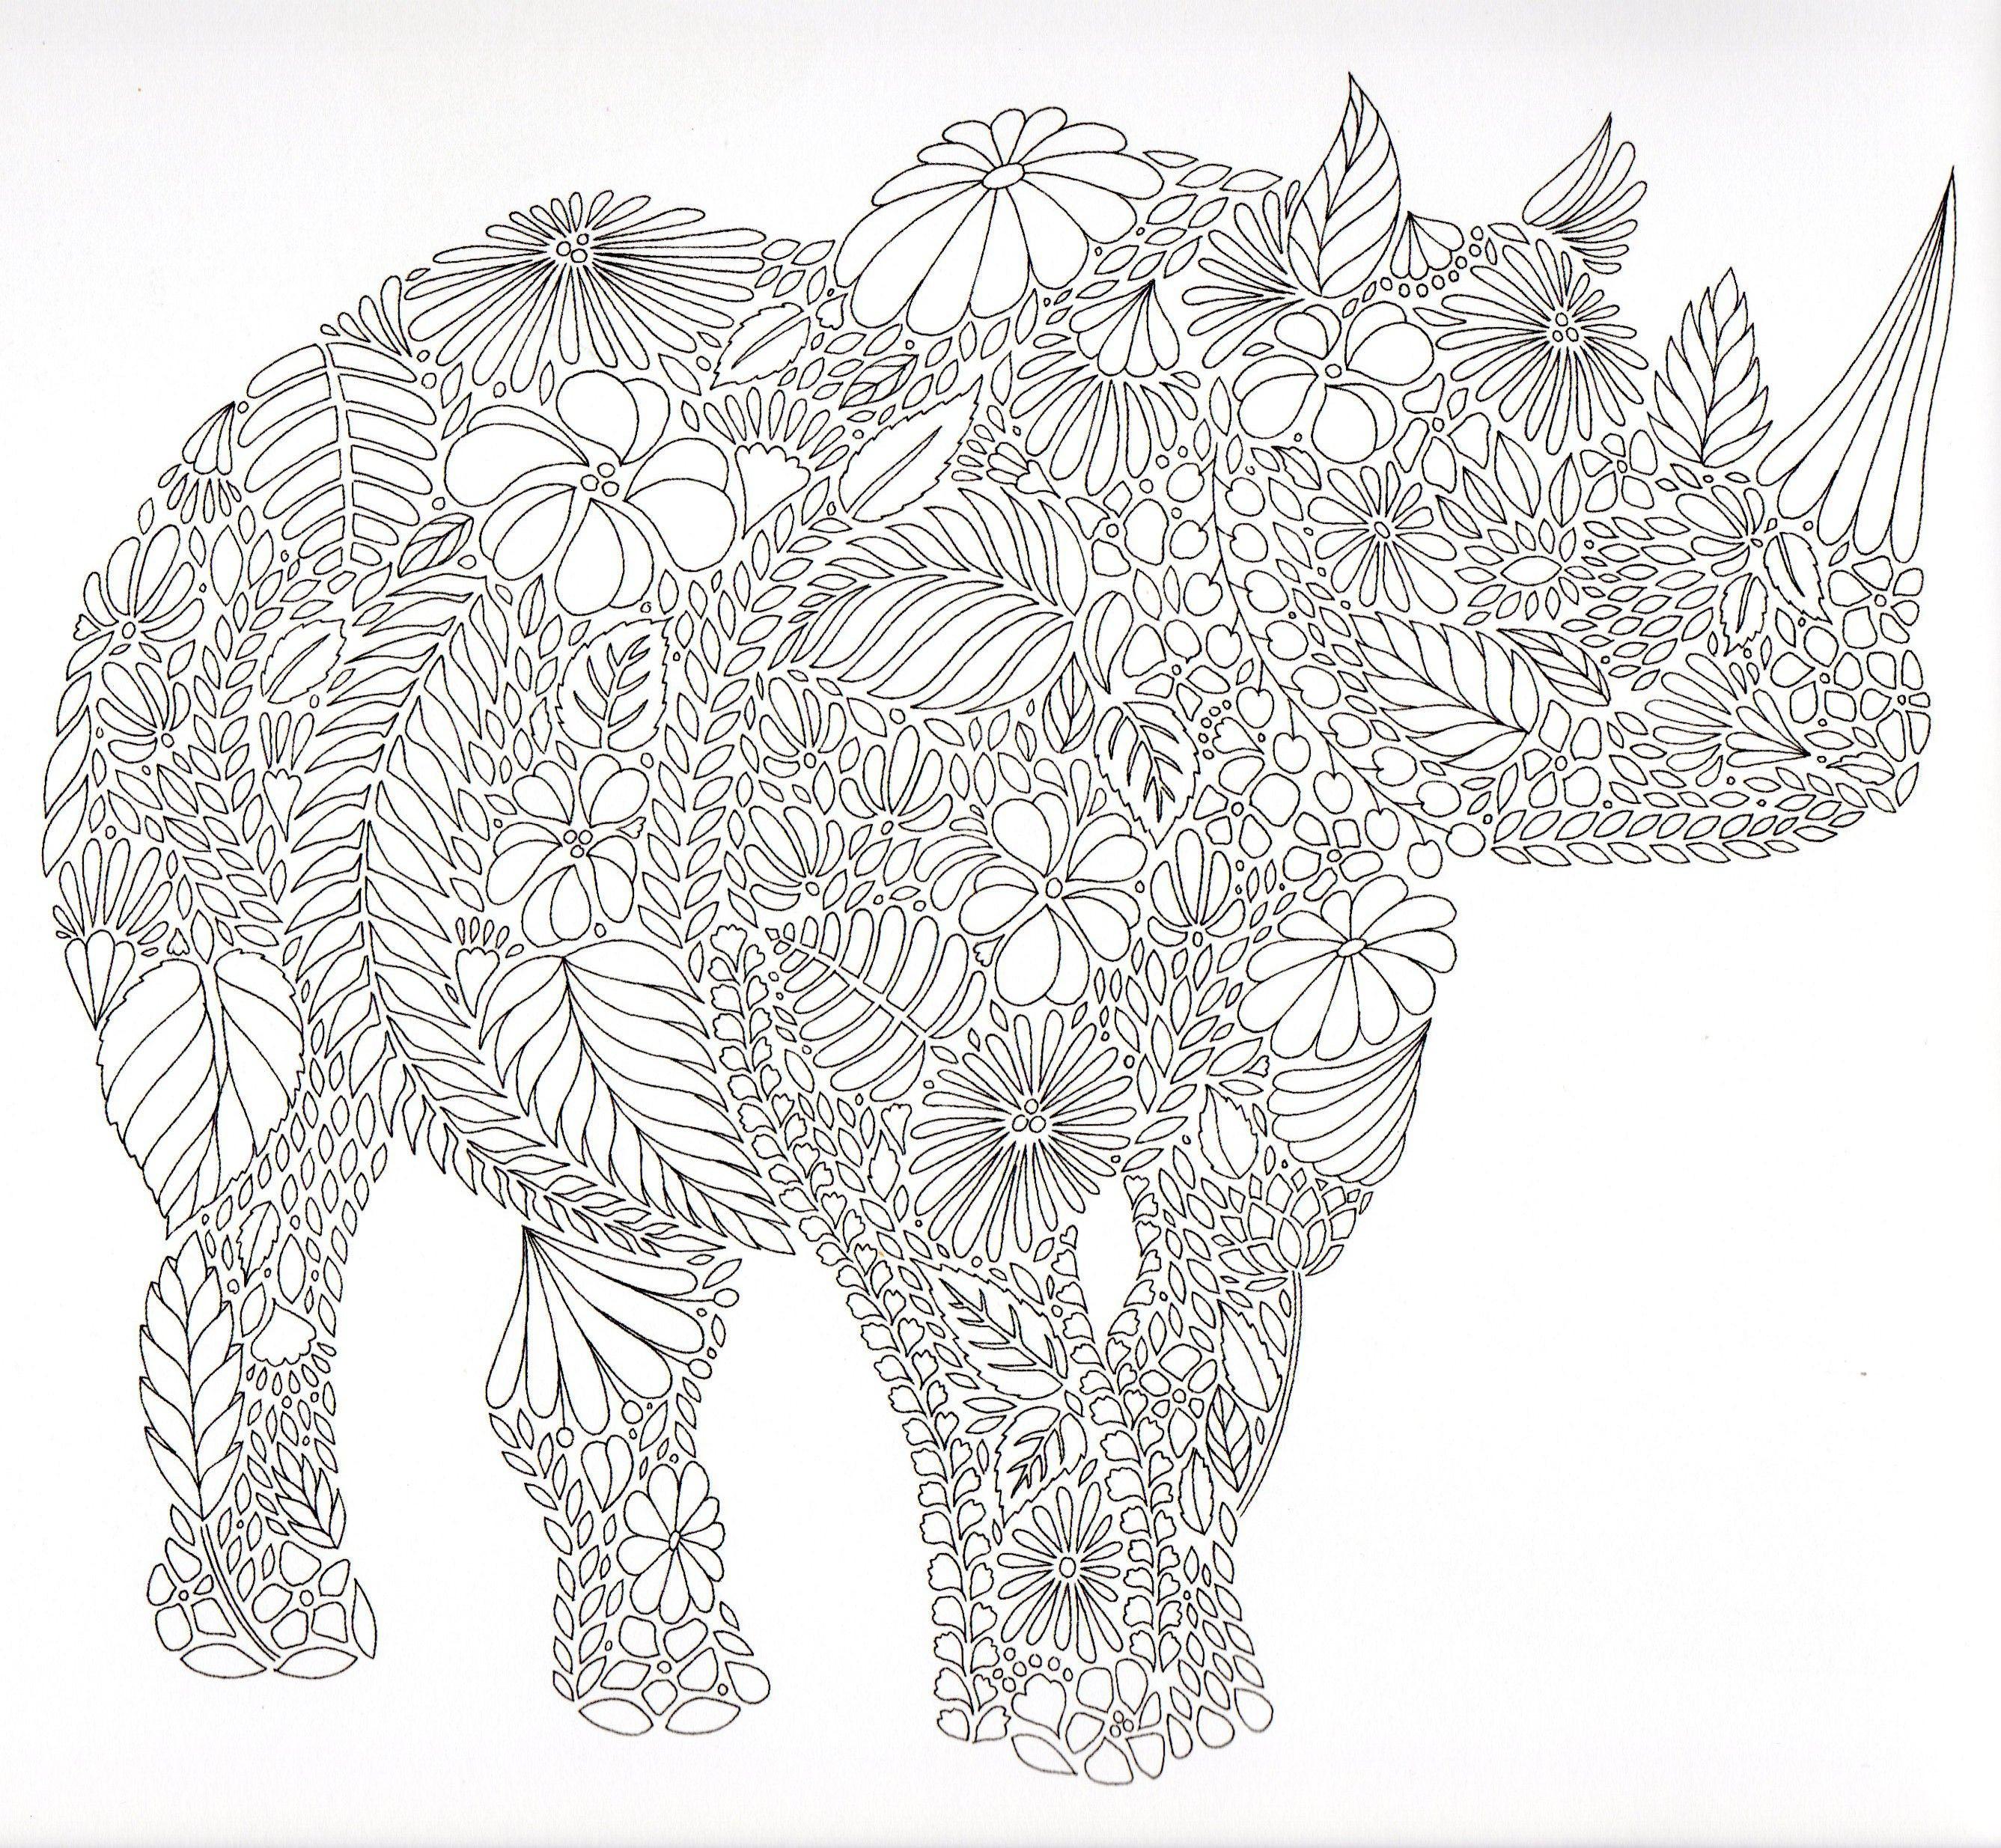 Reh Bilder Zum Ausmalen Frisch Mandala Nashorn Vorlage Pinterest Genial Reh Ausmalbilder Bild